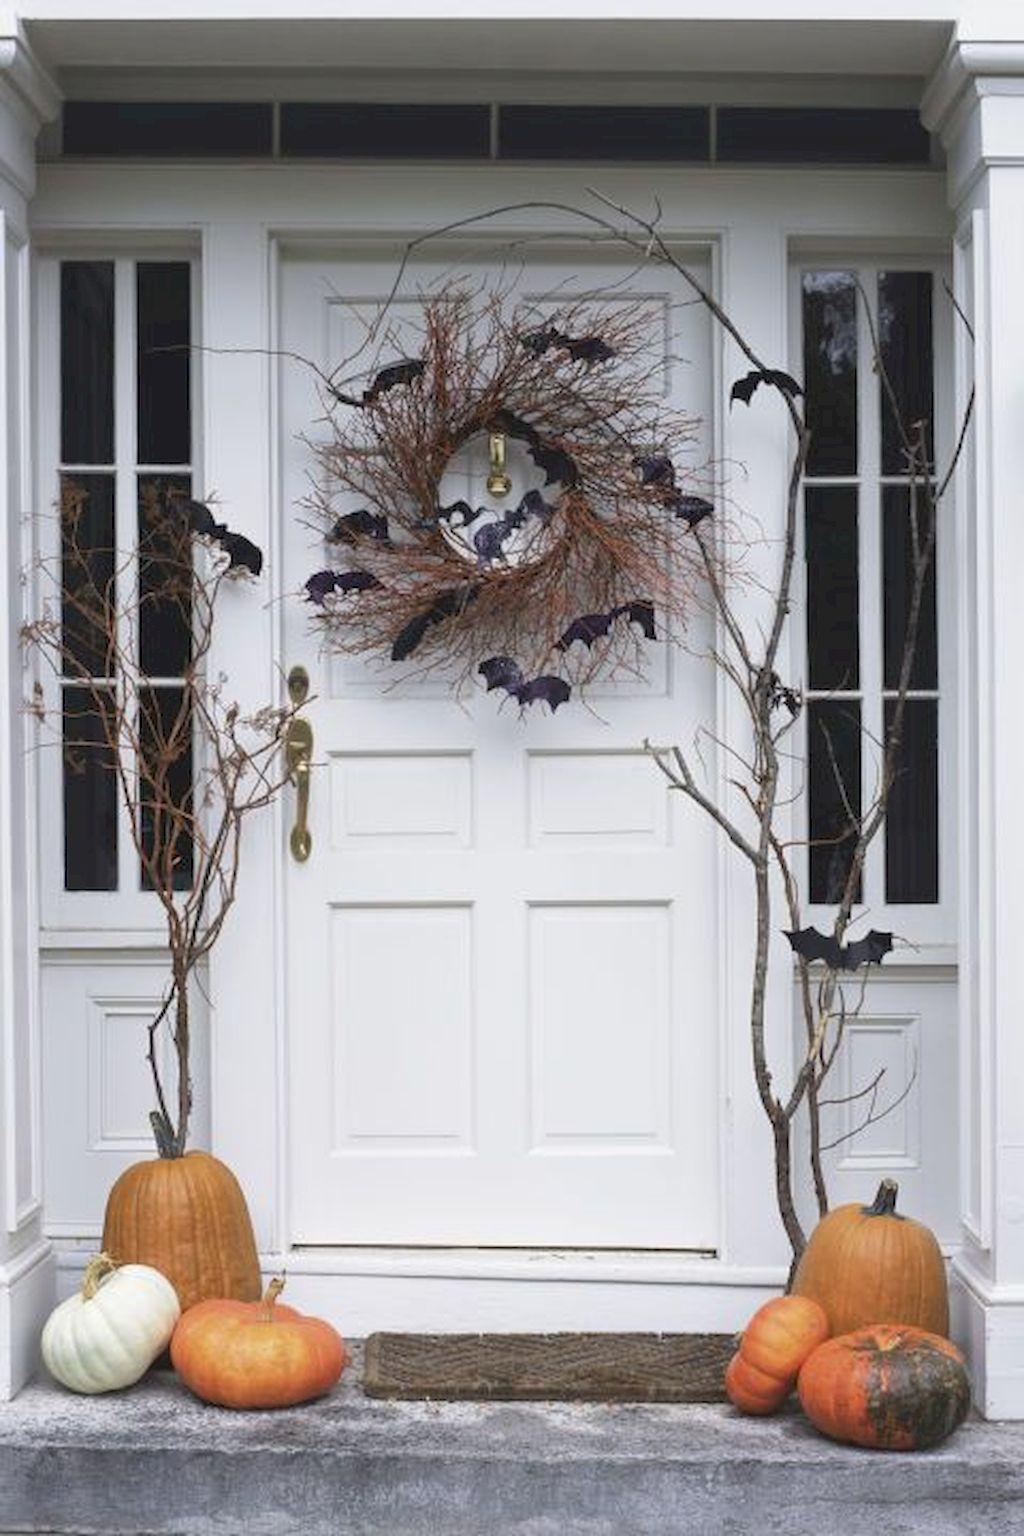 55 DIY Farmhouse Fall Decorating Ideas 21st, Fall decor and Holidays - halloween diy decor